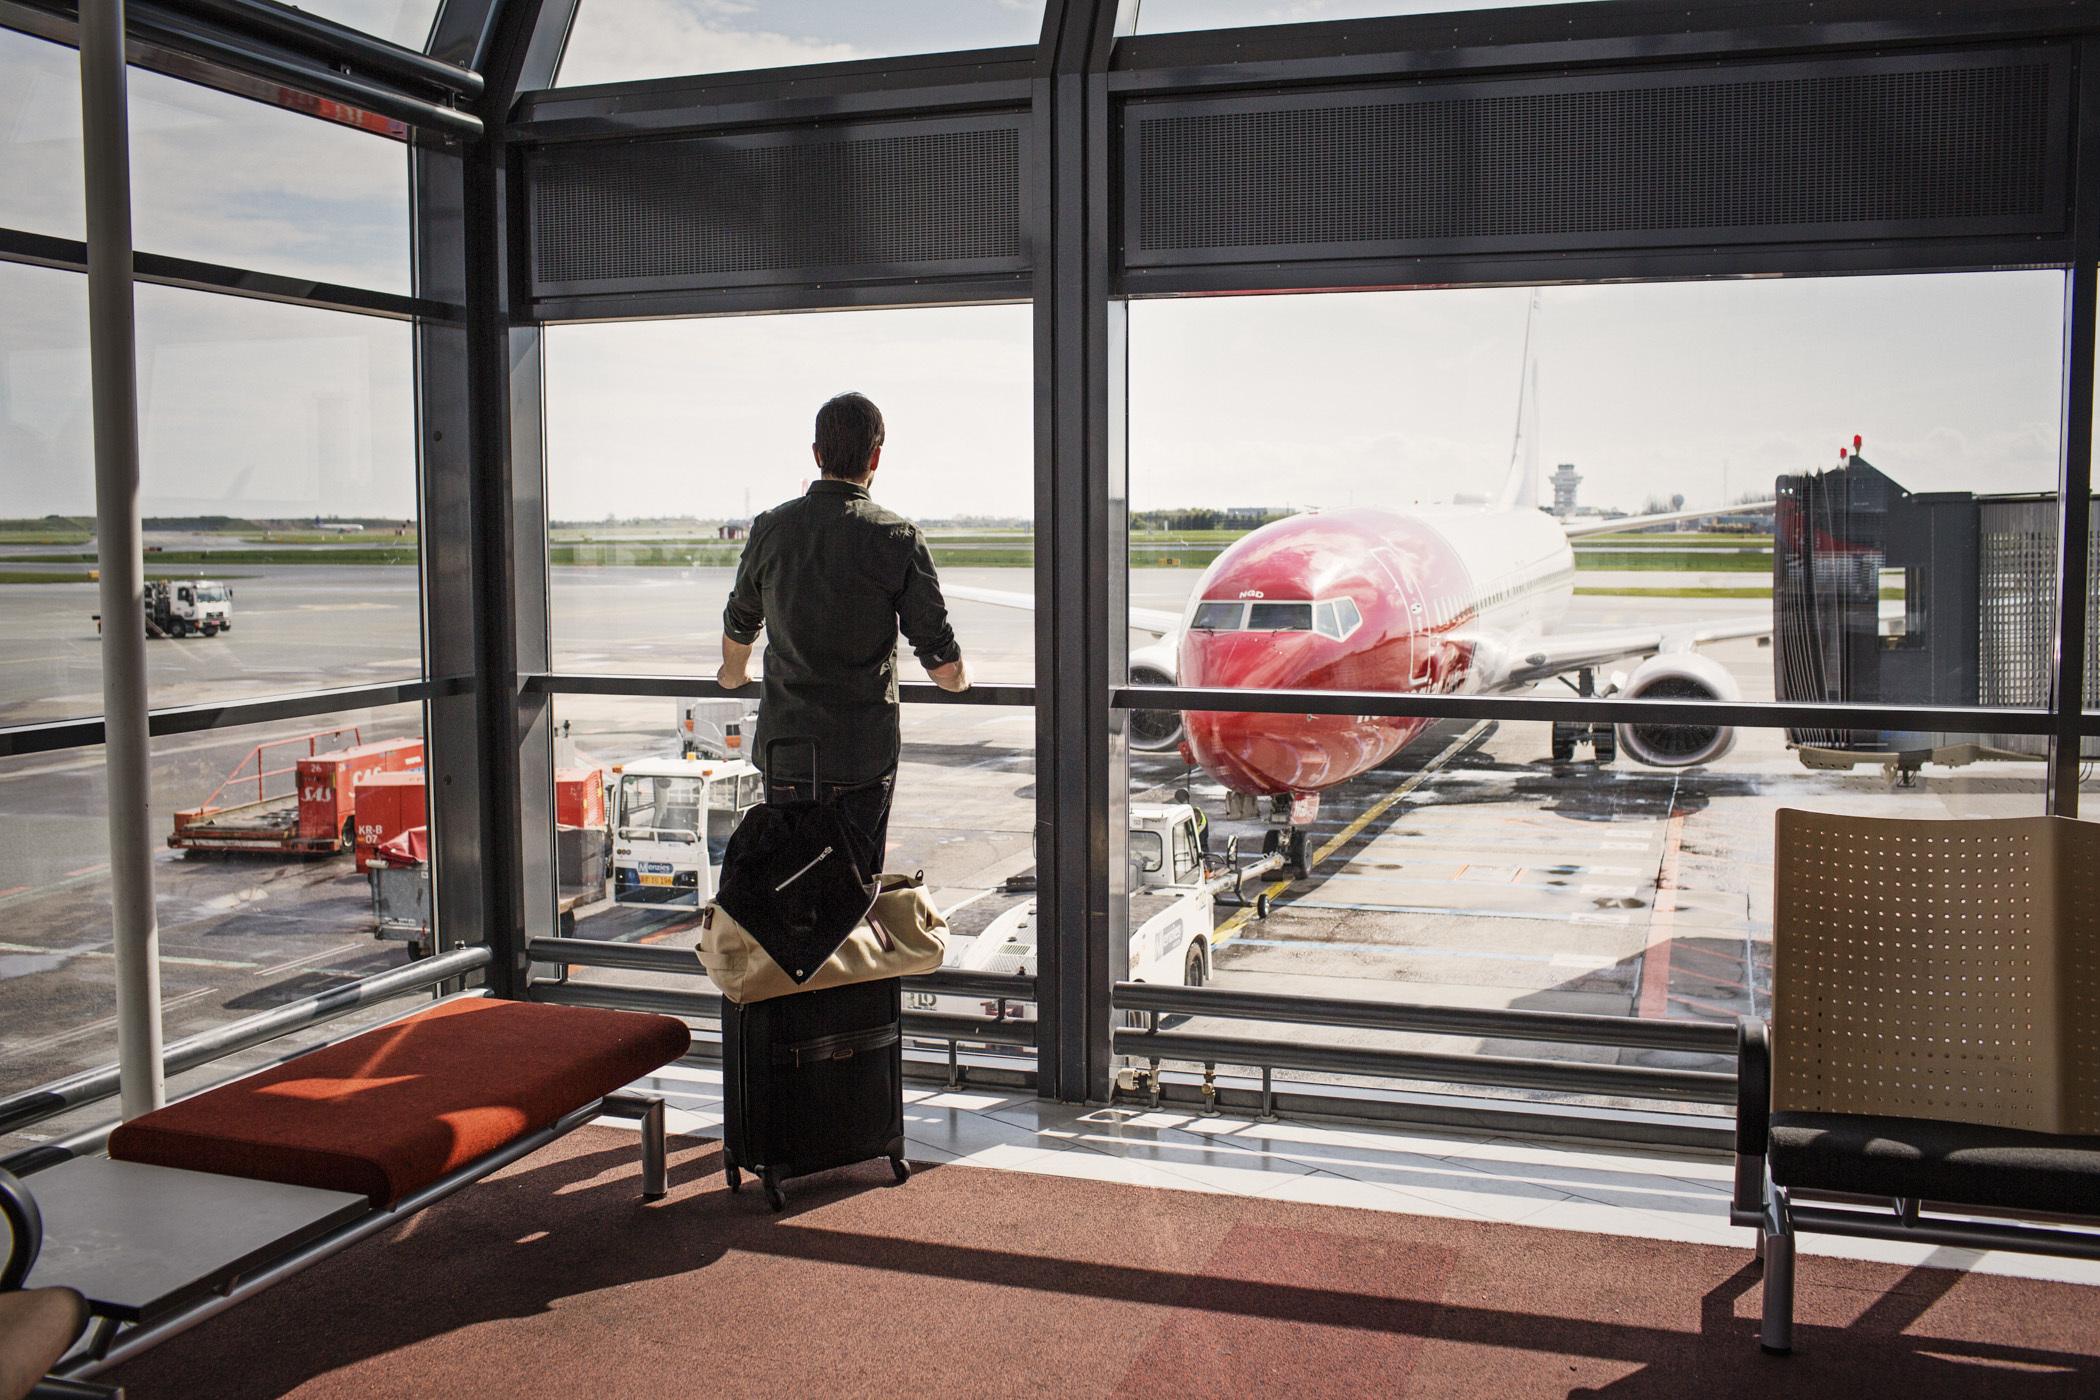 Norwegian har 20 ruter til og fra Tyskland – selskabet flyver både til Skandinavien samt fra tyske byer til Spanien. Pressefoto: Norwegian.